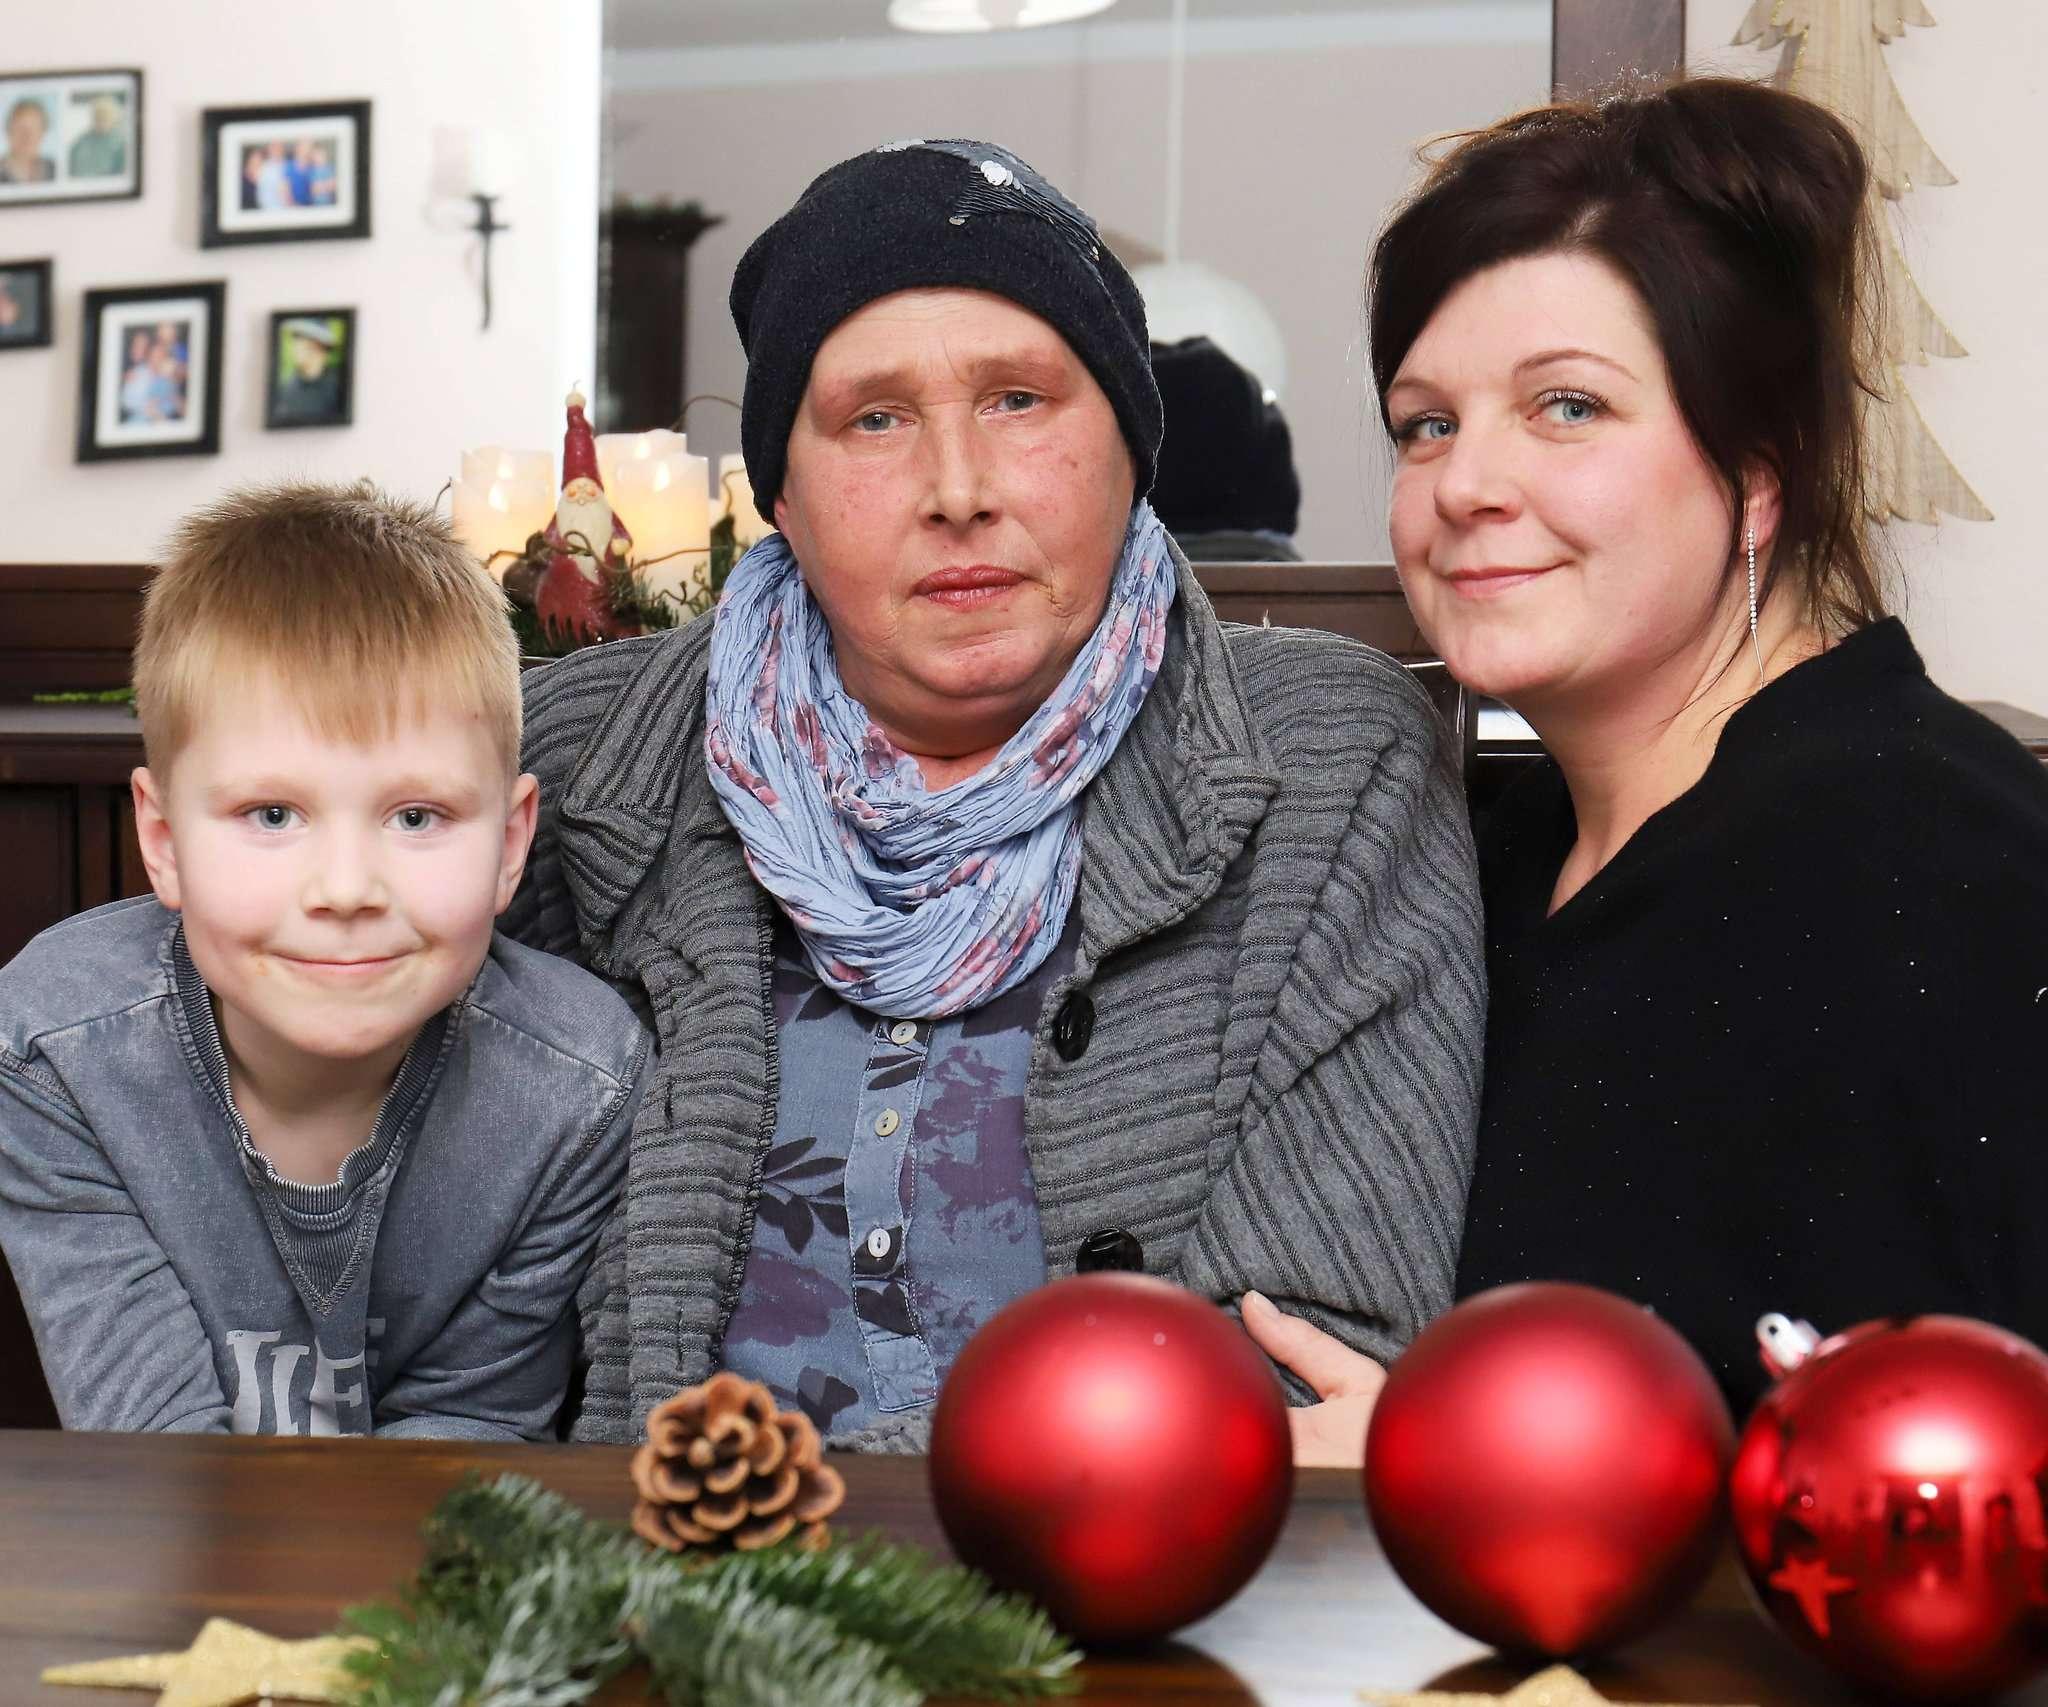 Inge Janßen (Bildmitte) ist schwer an Lungenkrebs erkrankt. Ihre Tochter Nicole Simon und Enkel Noah wollen ihren größten Traum erfüllen: Die 57-Jährige möchte einmal mit Delfinen schwimmen.